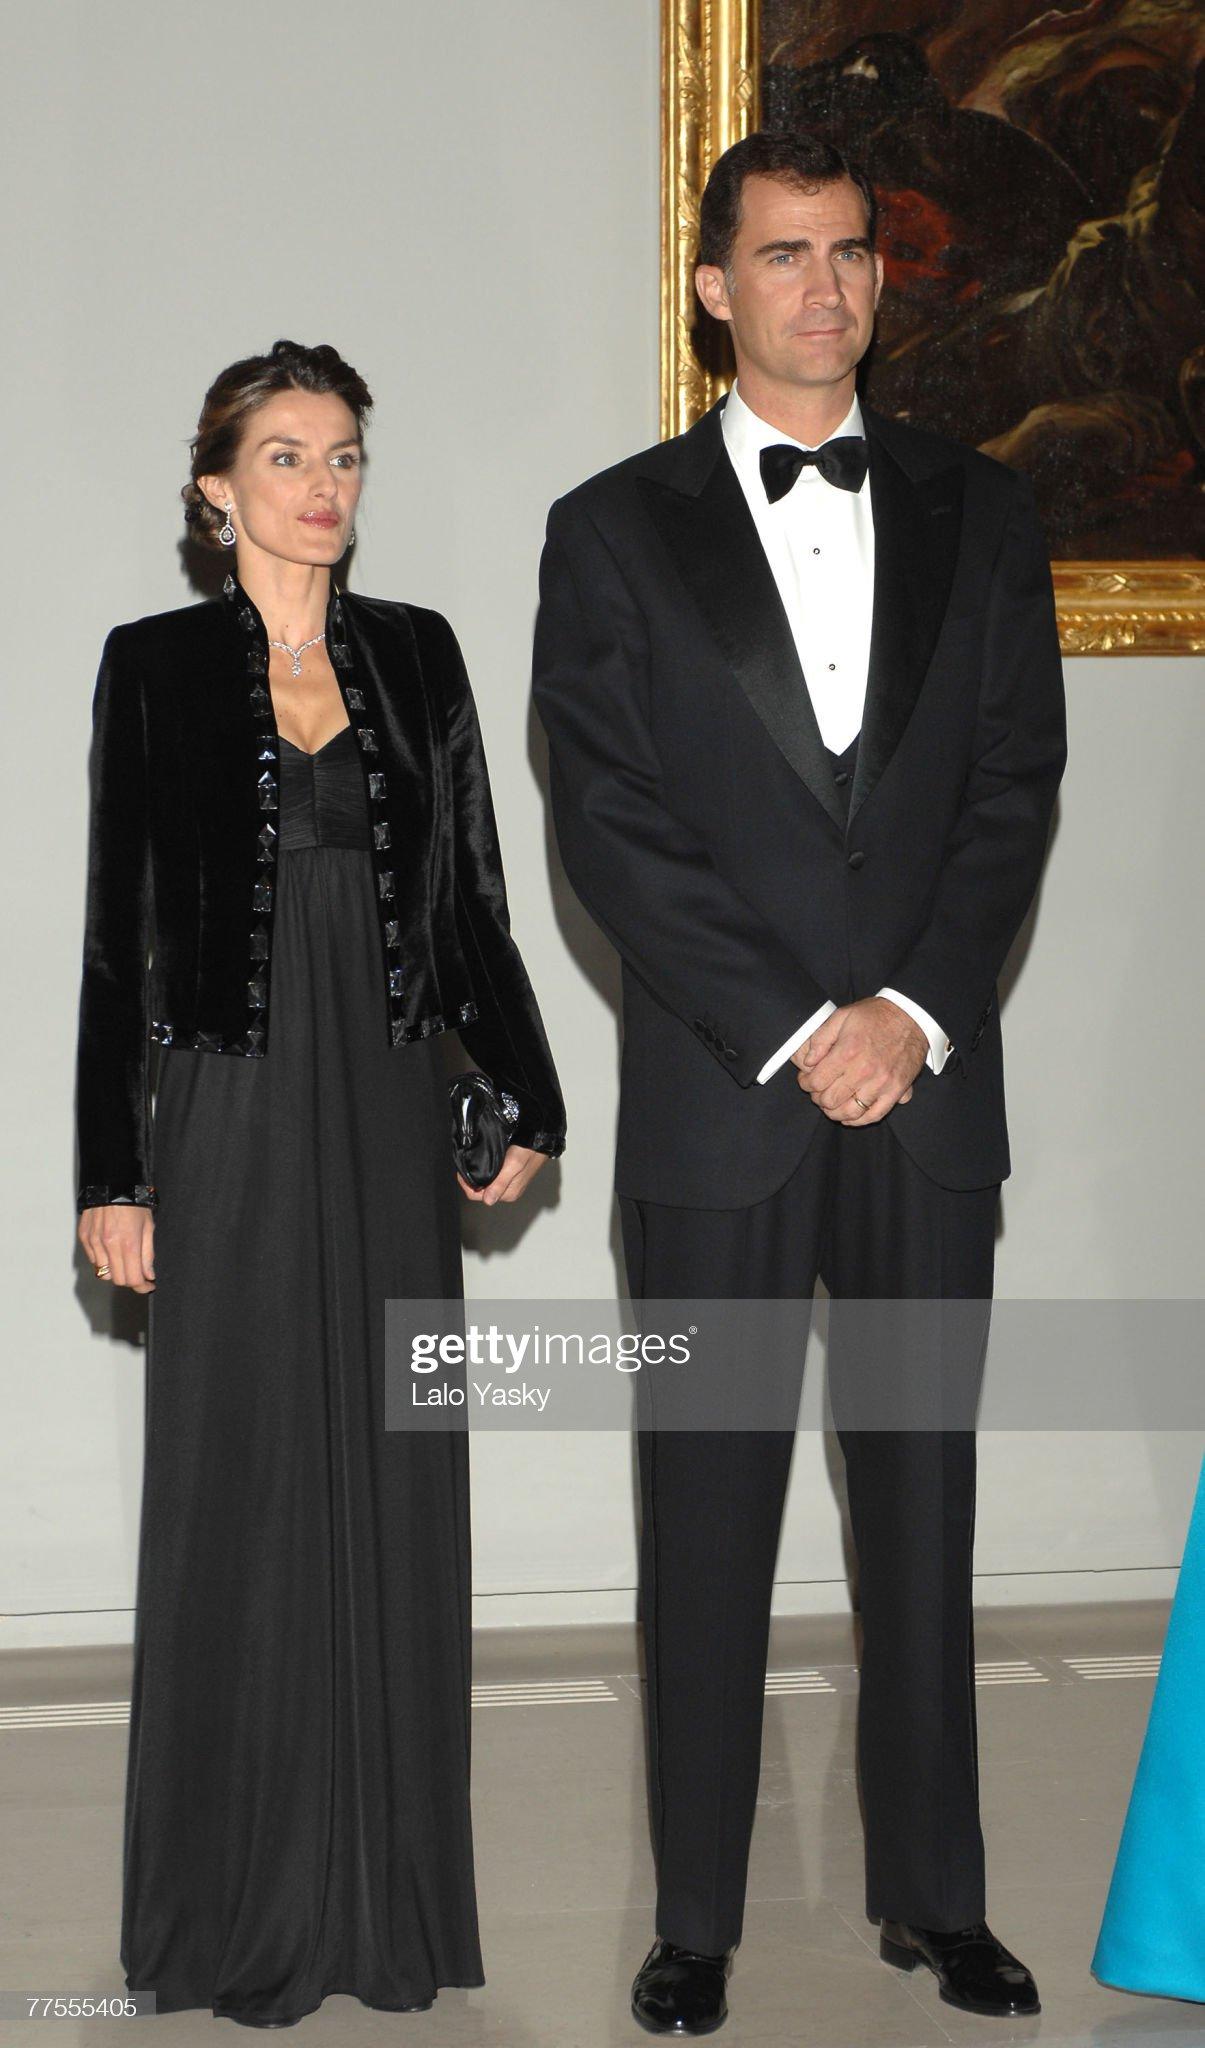 Вечерние наряды Королевы Летиции Spanish Royals Attend Opening Of Extension At El Prado Museum : News Photo